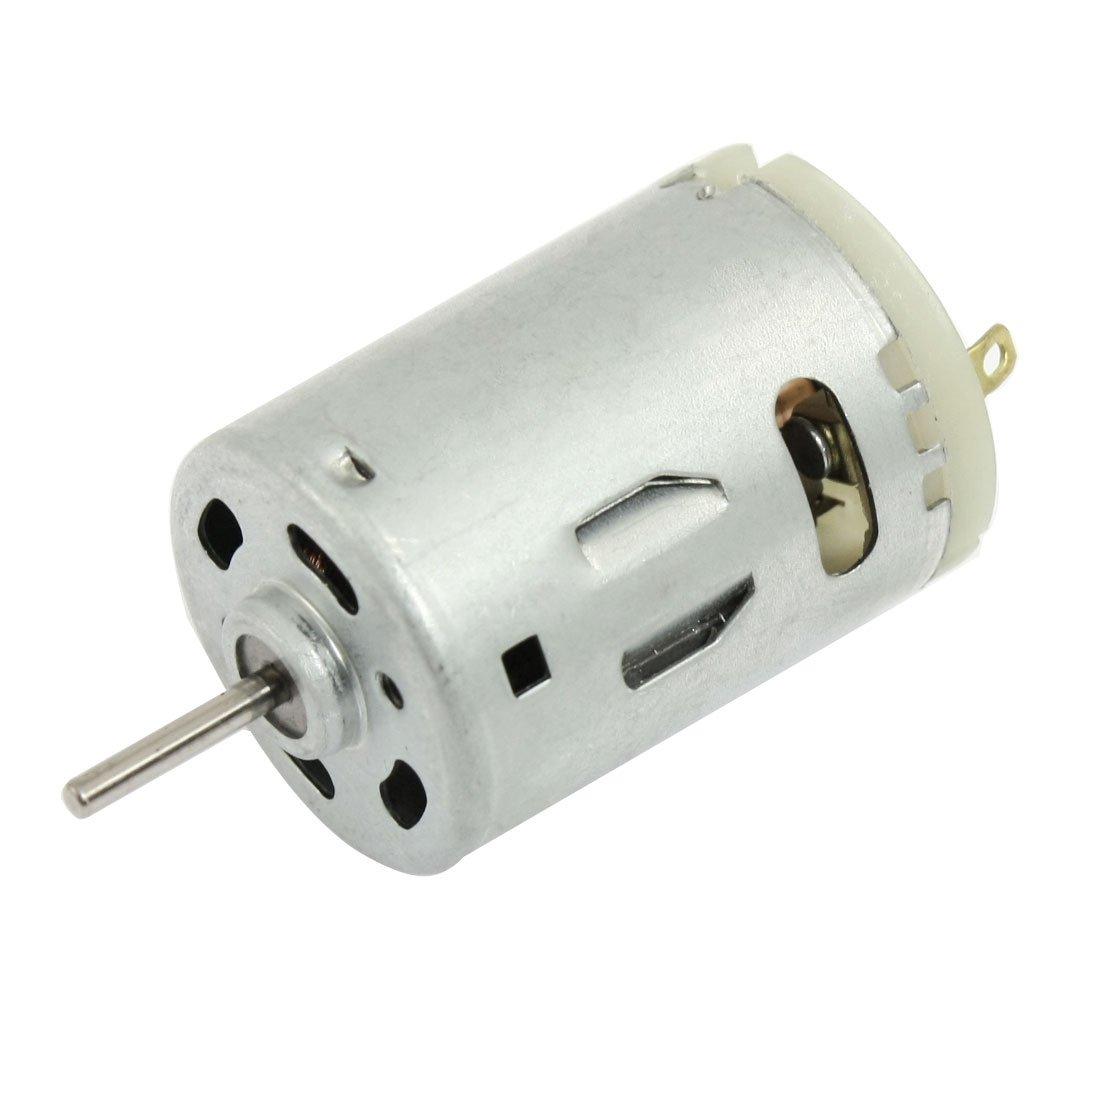 Compra generador magn tico online al por mayor de china - Mini generador electrico ...